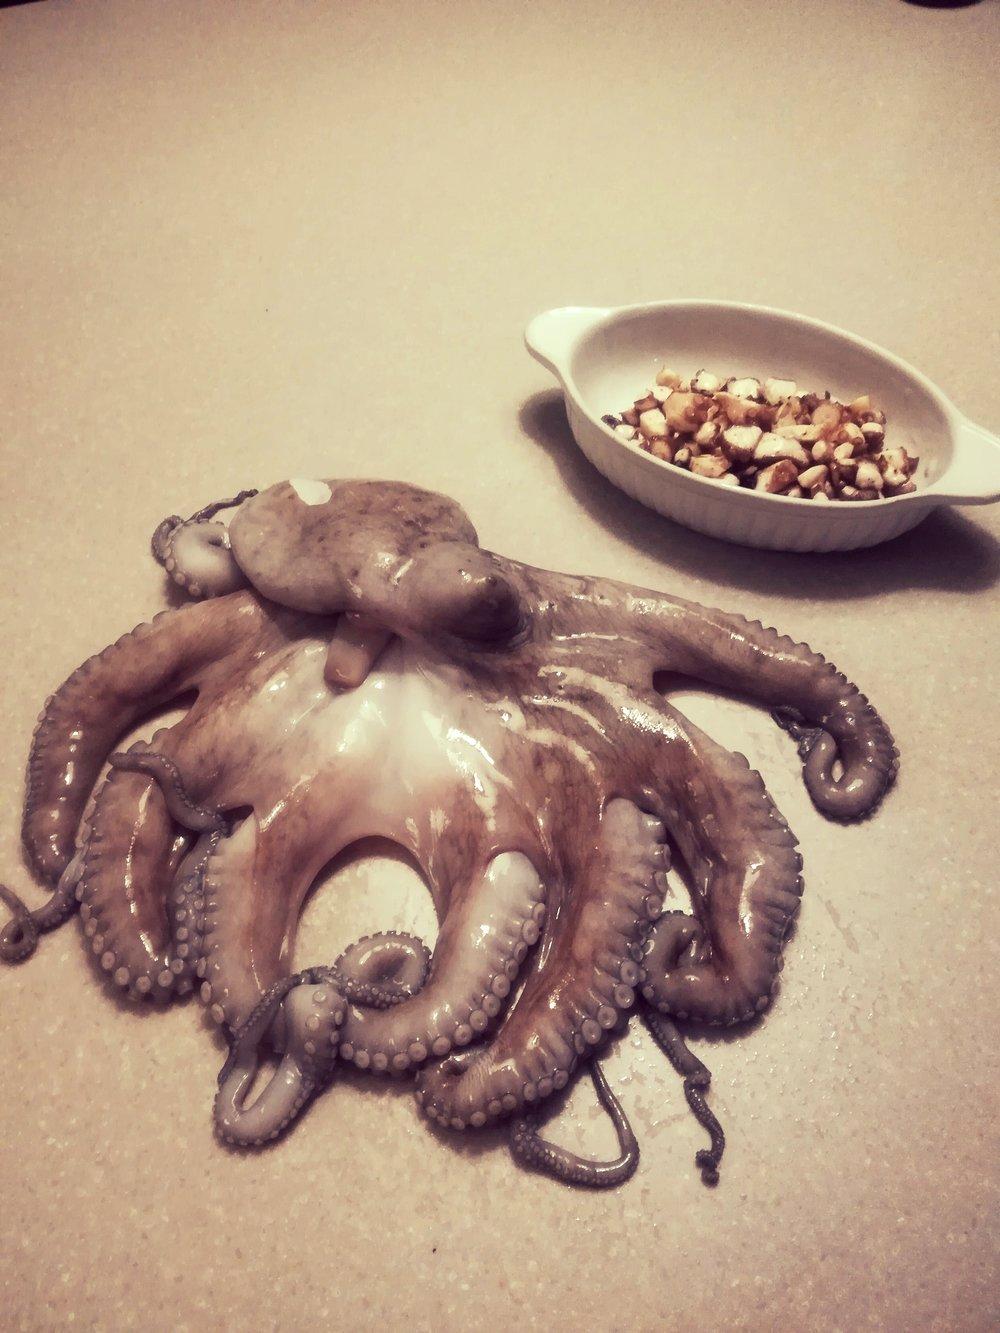 Octopus of Polpo - Voor de één een gruwel, voor de andere een Delicatesse.Voor mij het laatste dus.Op onze trip heb ik dit gegeten en ik was er helemaal weg hoe mals het is en een heerlijke smaak heeft. (natuurlijk goed klaargemaakt)Het arme beestje ziet er niet uit maar smaakt ongelooflijk probeer het eens, durf je?Klaarmaken van deze OctopusINGREDIËNTEN :1 grote ketel waterzout2 laurierblaadjes2 wortelen schoongemaakt en in stukken 2 takken selder grof gesnedengemalen peper uit de molen2 uien gepeld en in 4 gesneden1 octopus (begin met een kleintje en dit te koop in de betere viswinkels of op Stalenstraat in Waterschei bij een Marokkaan. (voor meer info kan je me contacteren.)Verse Octopus van bij deze handelaar is al geslagen, dwz malser en volledig zuiver gemaakt.BEREIDINGSWIJZE :Zet de ketel op het vuurdoe er de groenten in en de laurierblaadjesen kruid met pezosnij de kop van de octopus erafspoel de octopus onder koud waterDoe ze nu in je bouillon en laat 40 min tot 1 uur in de bouillon zachtjes garen.Dit afhankelijk van de grootte. Foto is er eentje van 1 kg.Je kan testen of je vis klaar is d.mv. een stukje van een tentakel te snijden en te proeven.ze mag niet meer teveel te kauwen zijn.Laat afkoelen en snij de tentakels in schijfjesdoe ze in een verhitte pan met wat knoflookolie en olijfoliebak ze lichtjes aan en kruid indien nodig nog even.Suc6 en bij vragen hoor ik het graag.